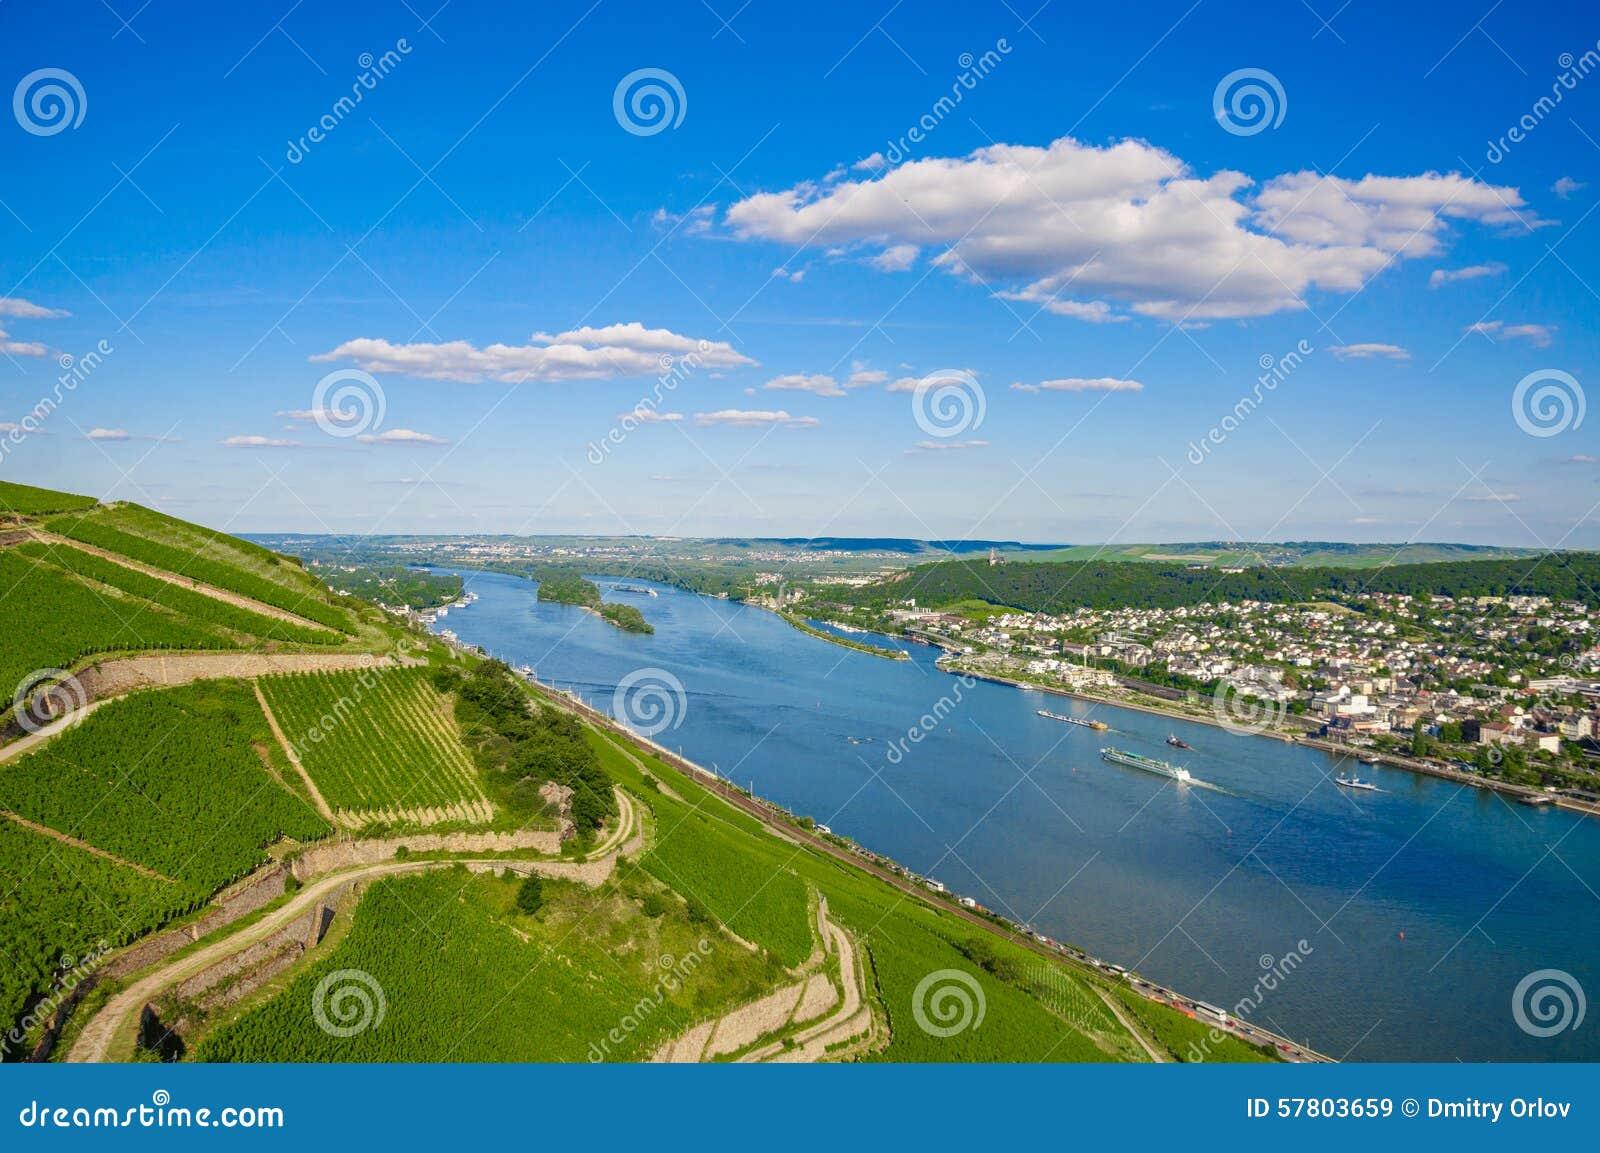 在莱茵河畔宾根,莱茵兰-普法尔茨州,德国附近的莱茵河